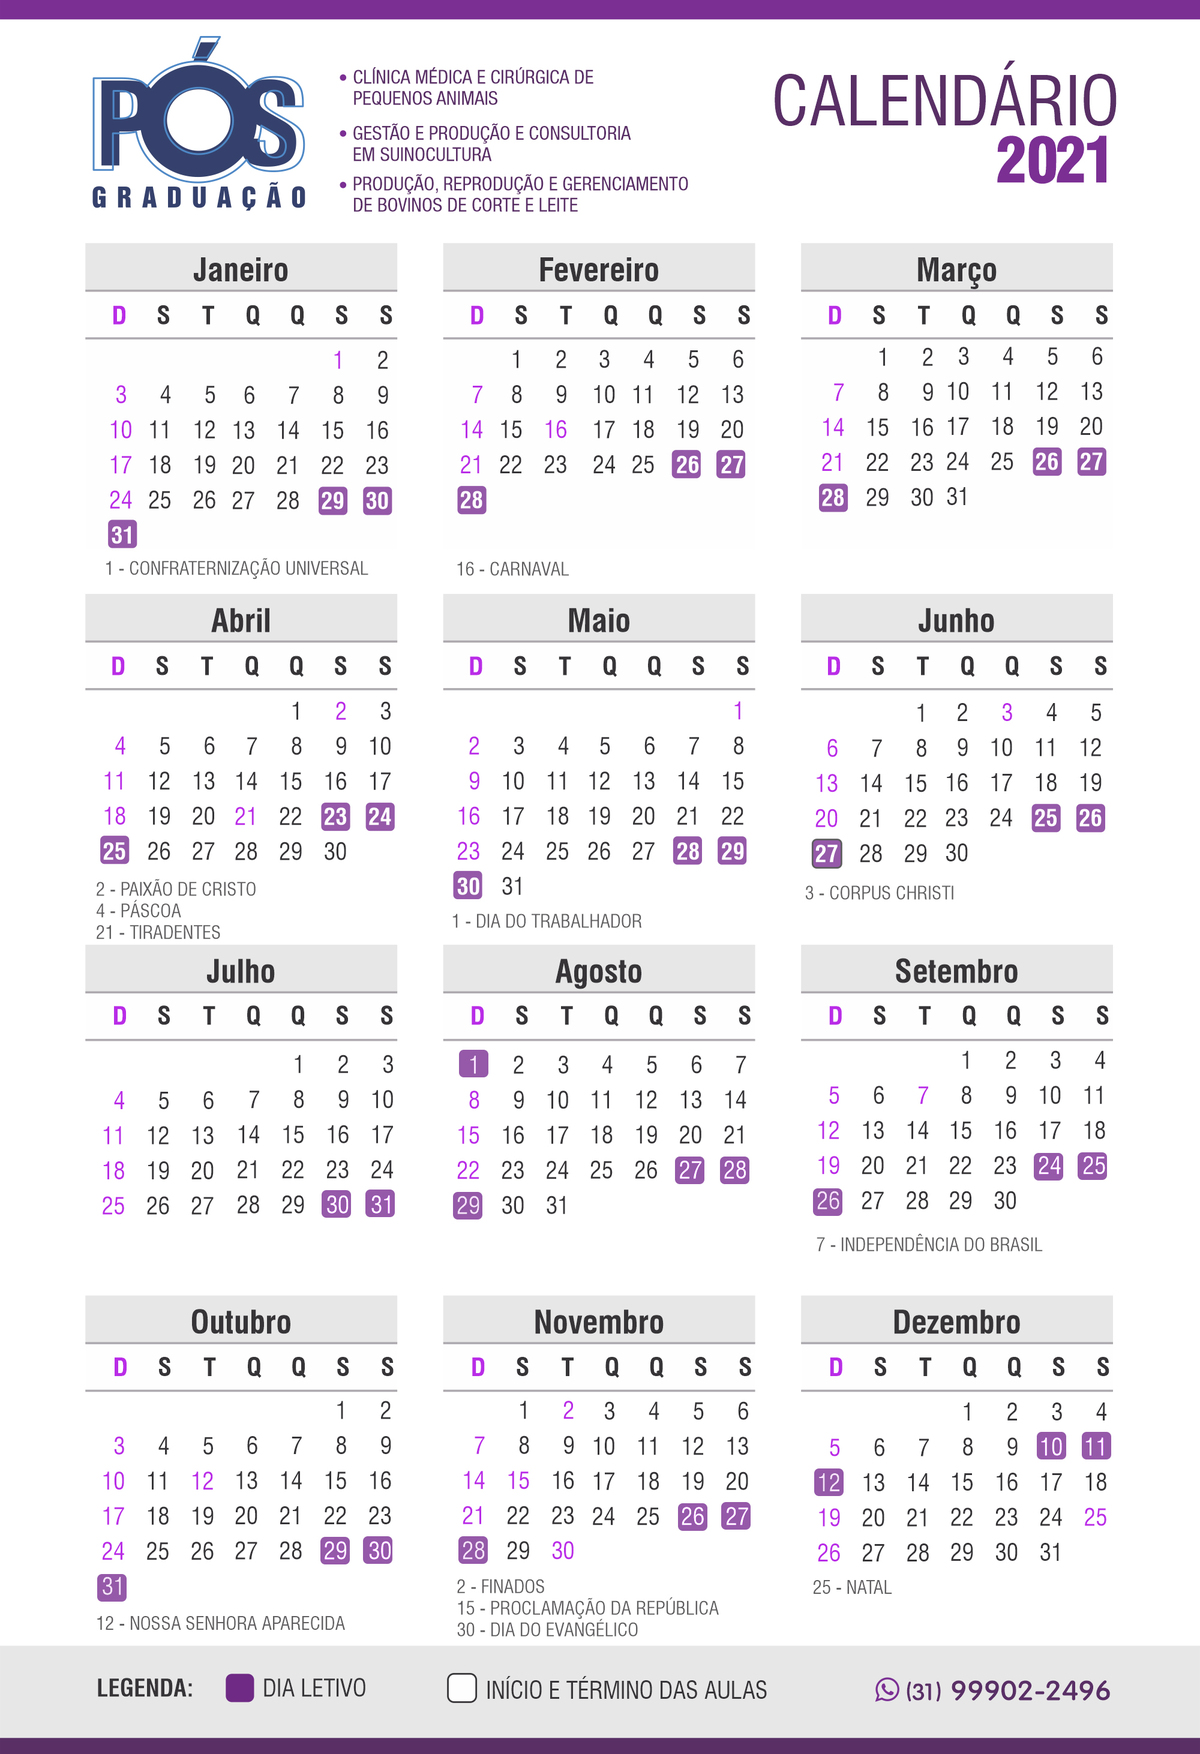 Calendário novo A